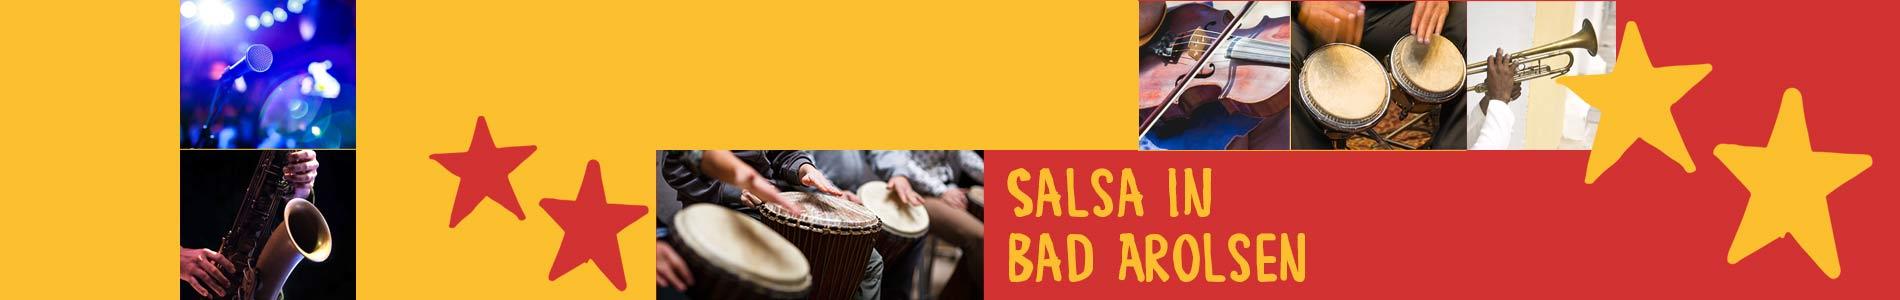 Salsa in Bad Arolsen – Salsa lernen und tanzen, Tanzkurse, Partys, Veranstaltungen